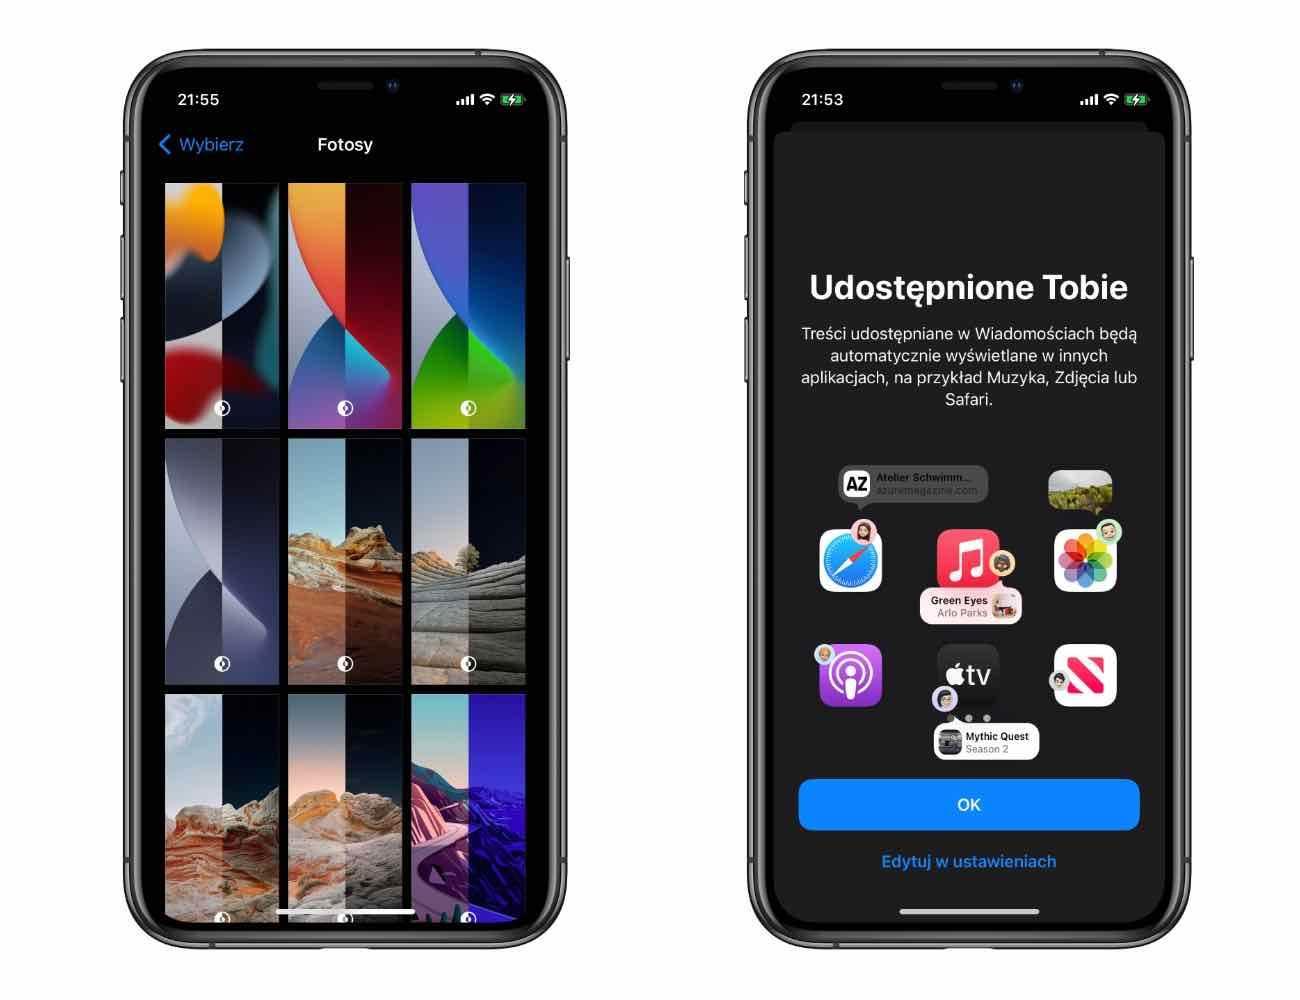 iOS 15 - polskie screeny polecane, ciekawostki zrzuty ekranu, screeny, polskie screeny z iOS 15, jak wygląda iOS 15, iOS 15 screeny, iOS 14 screeny, iOS, Apple  Pierwsza beta iOS 15 jest już w naszych rękach, więc przygotowaliśmy dla Was polskie screeny z najnowszej wersji iOS. iOS15beta1 3